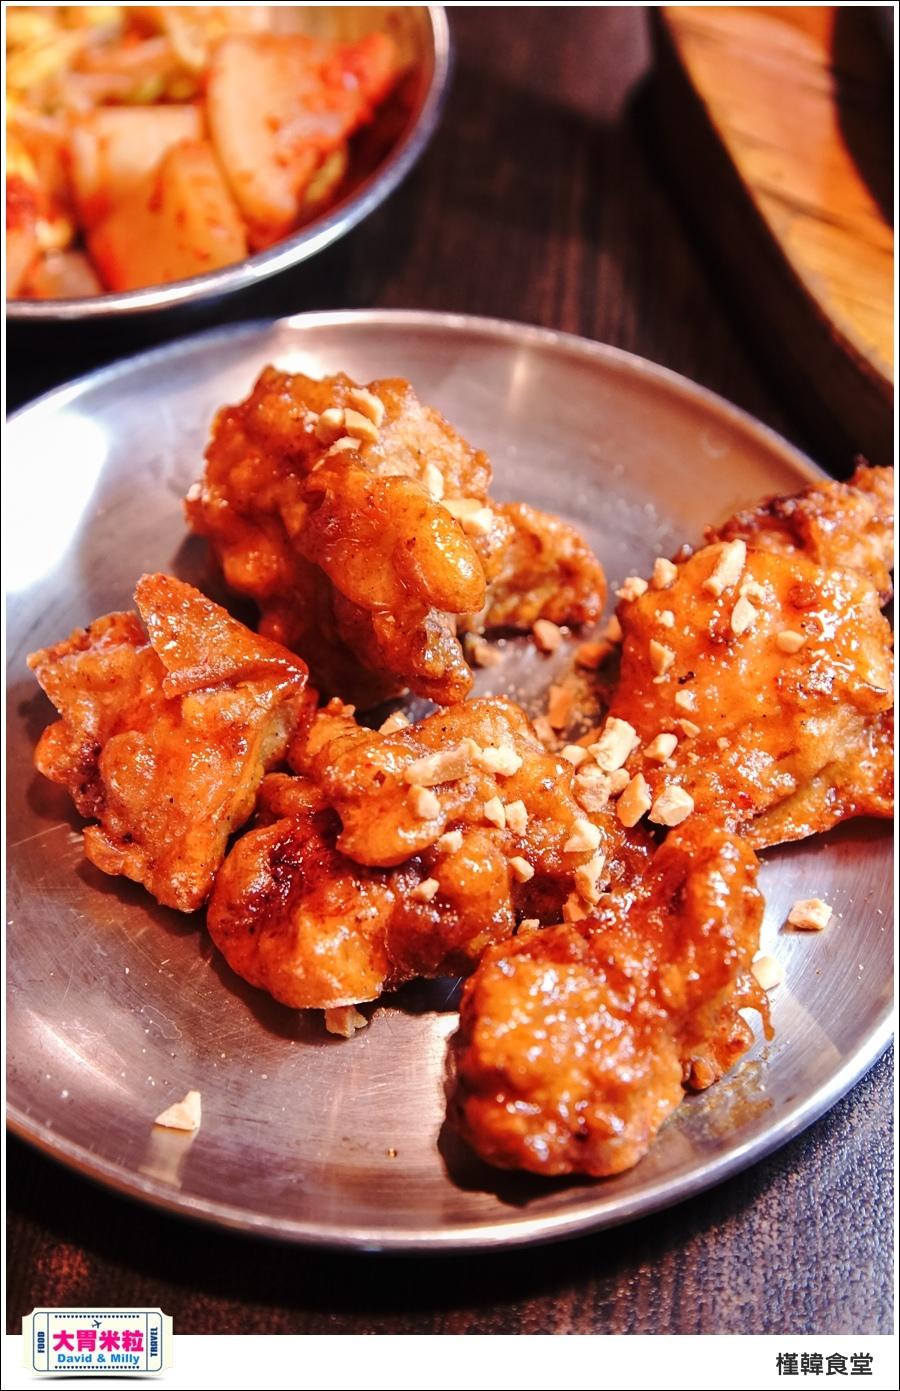 高雄韓式吃到飽推薦@槿韓食堂 平價韓式料理吃到飽@大胃米粒0045.jpg